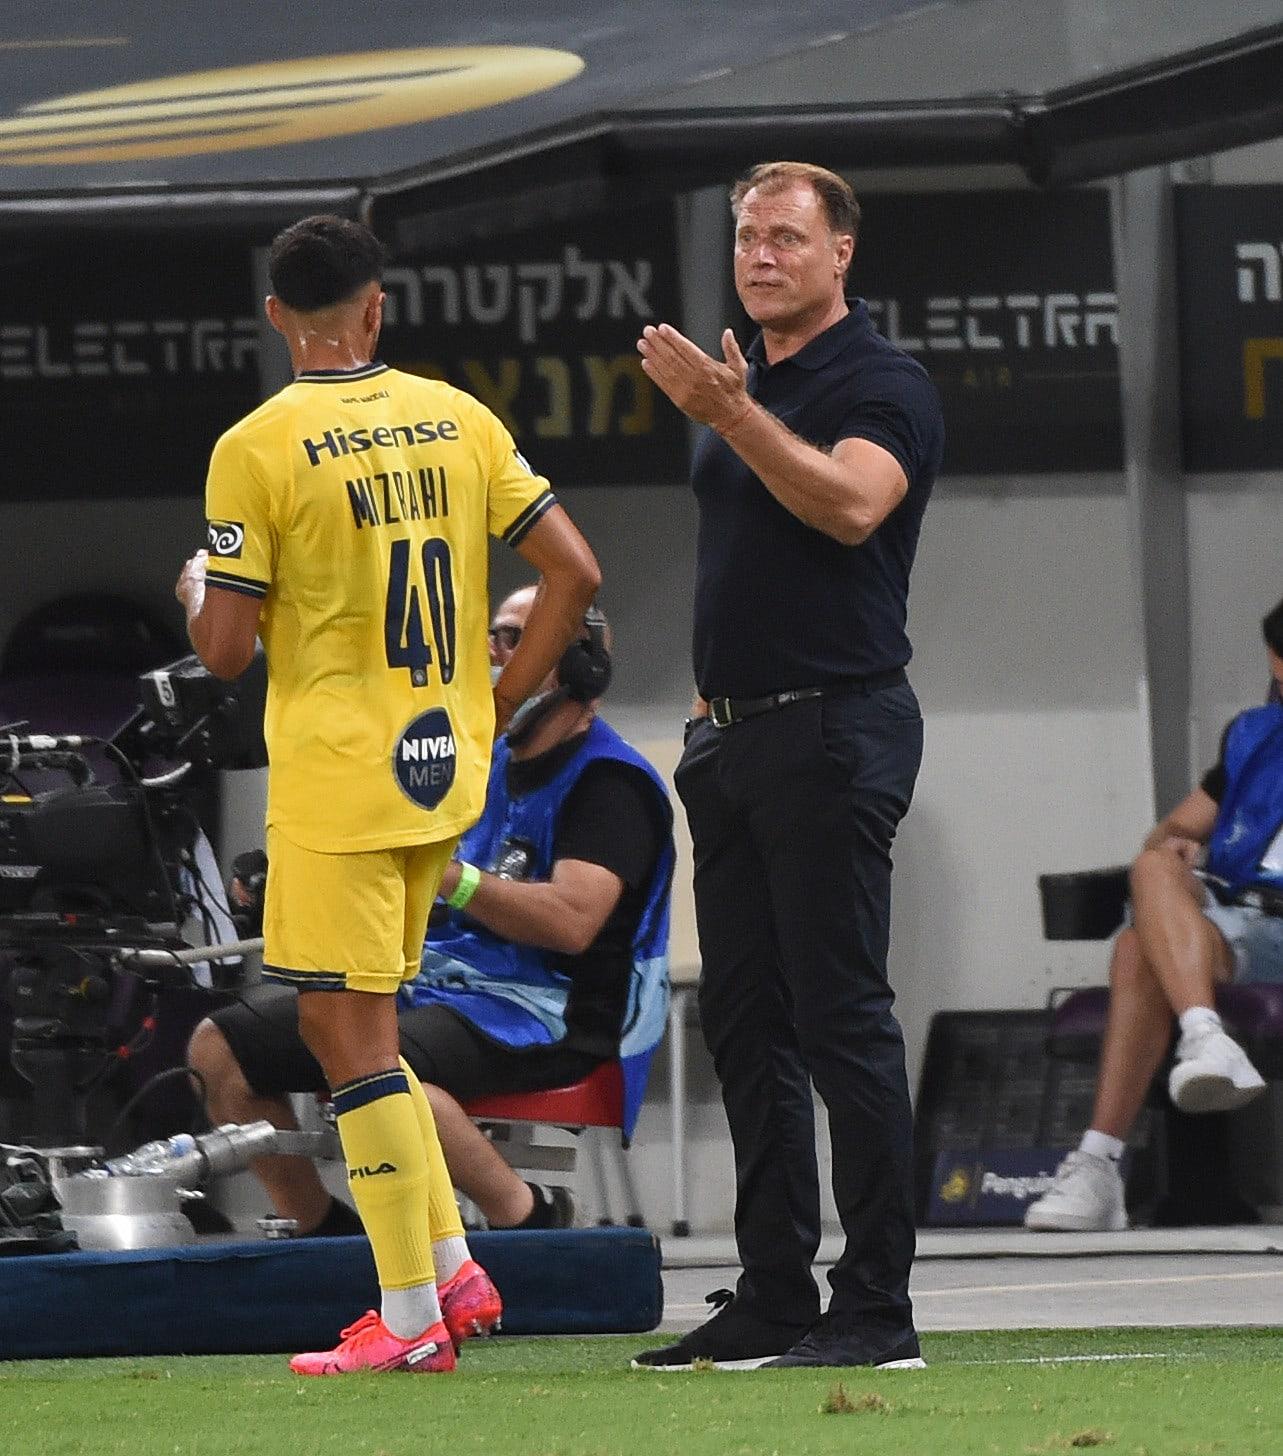 El entrenador del Maccabi Tel Aviv, Patrick Van Leven, con Guy Mizrahi